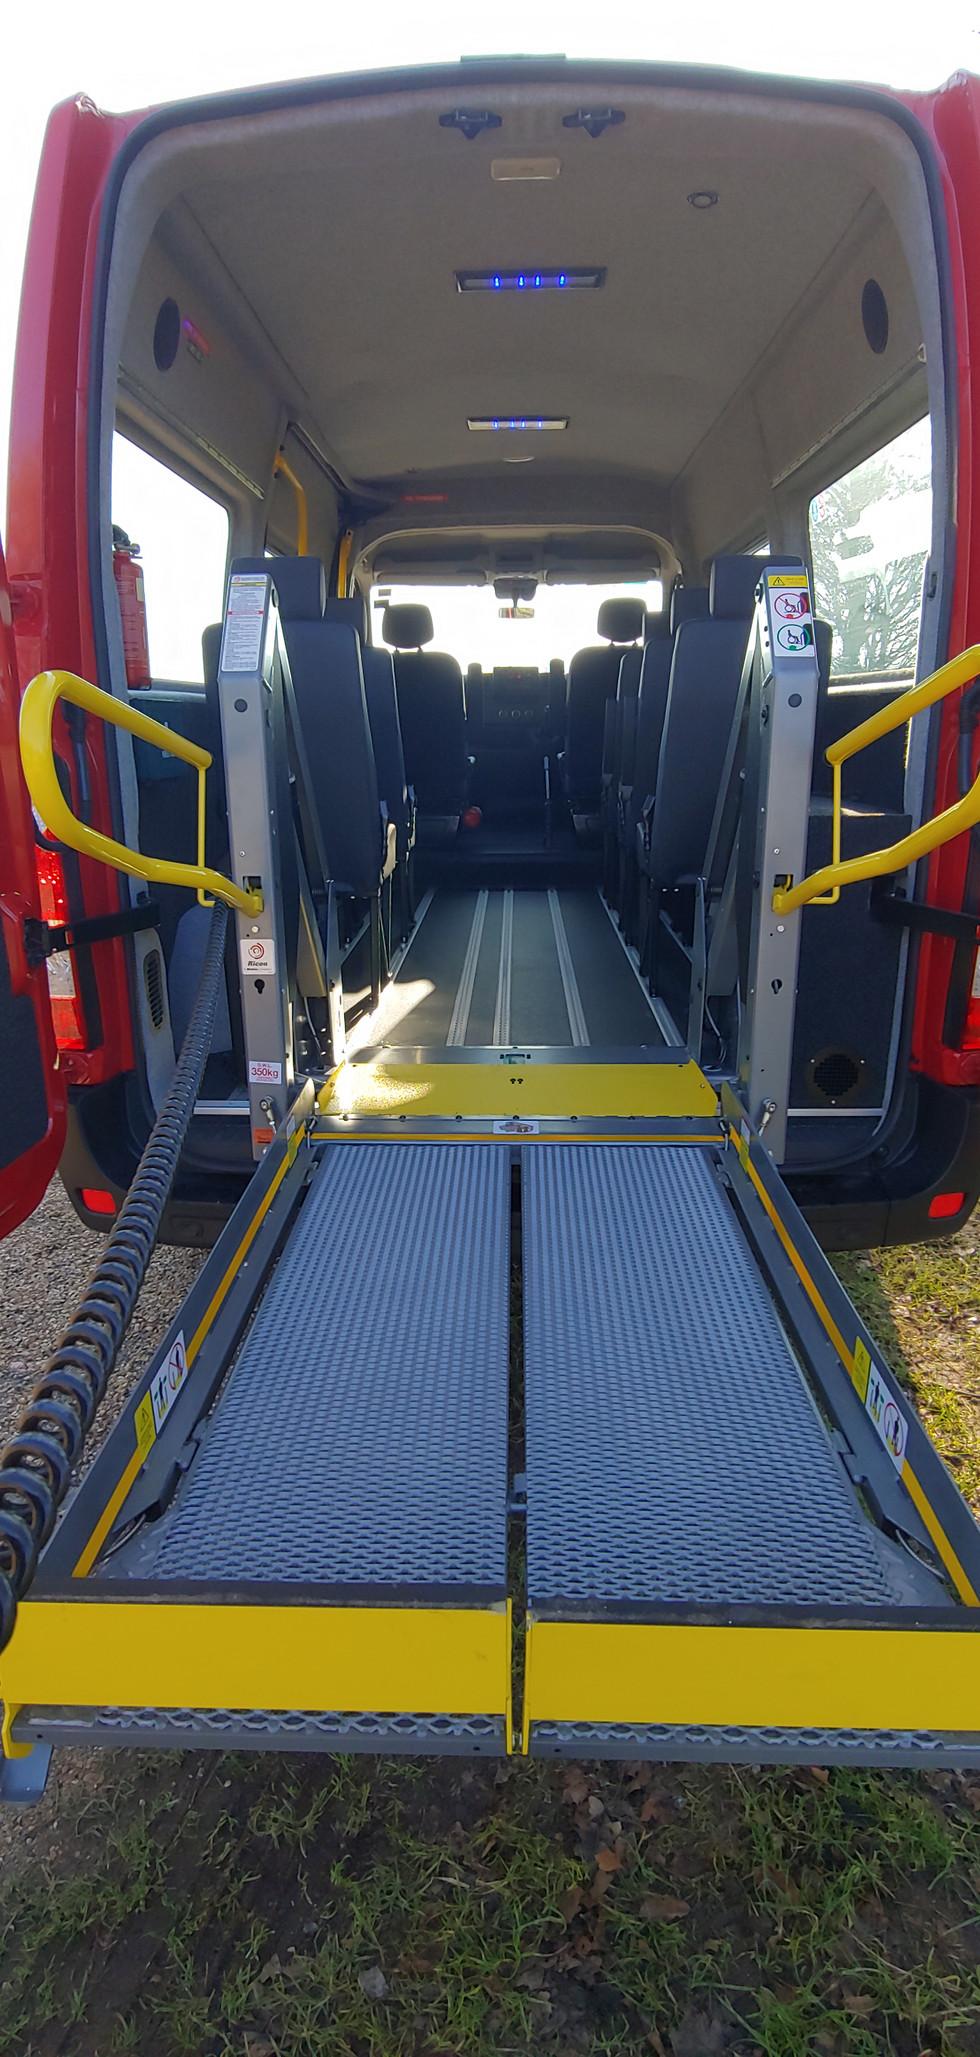 Half deployed tail lift Warnerbus minibus